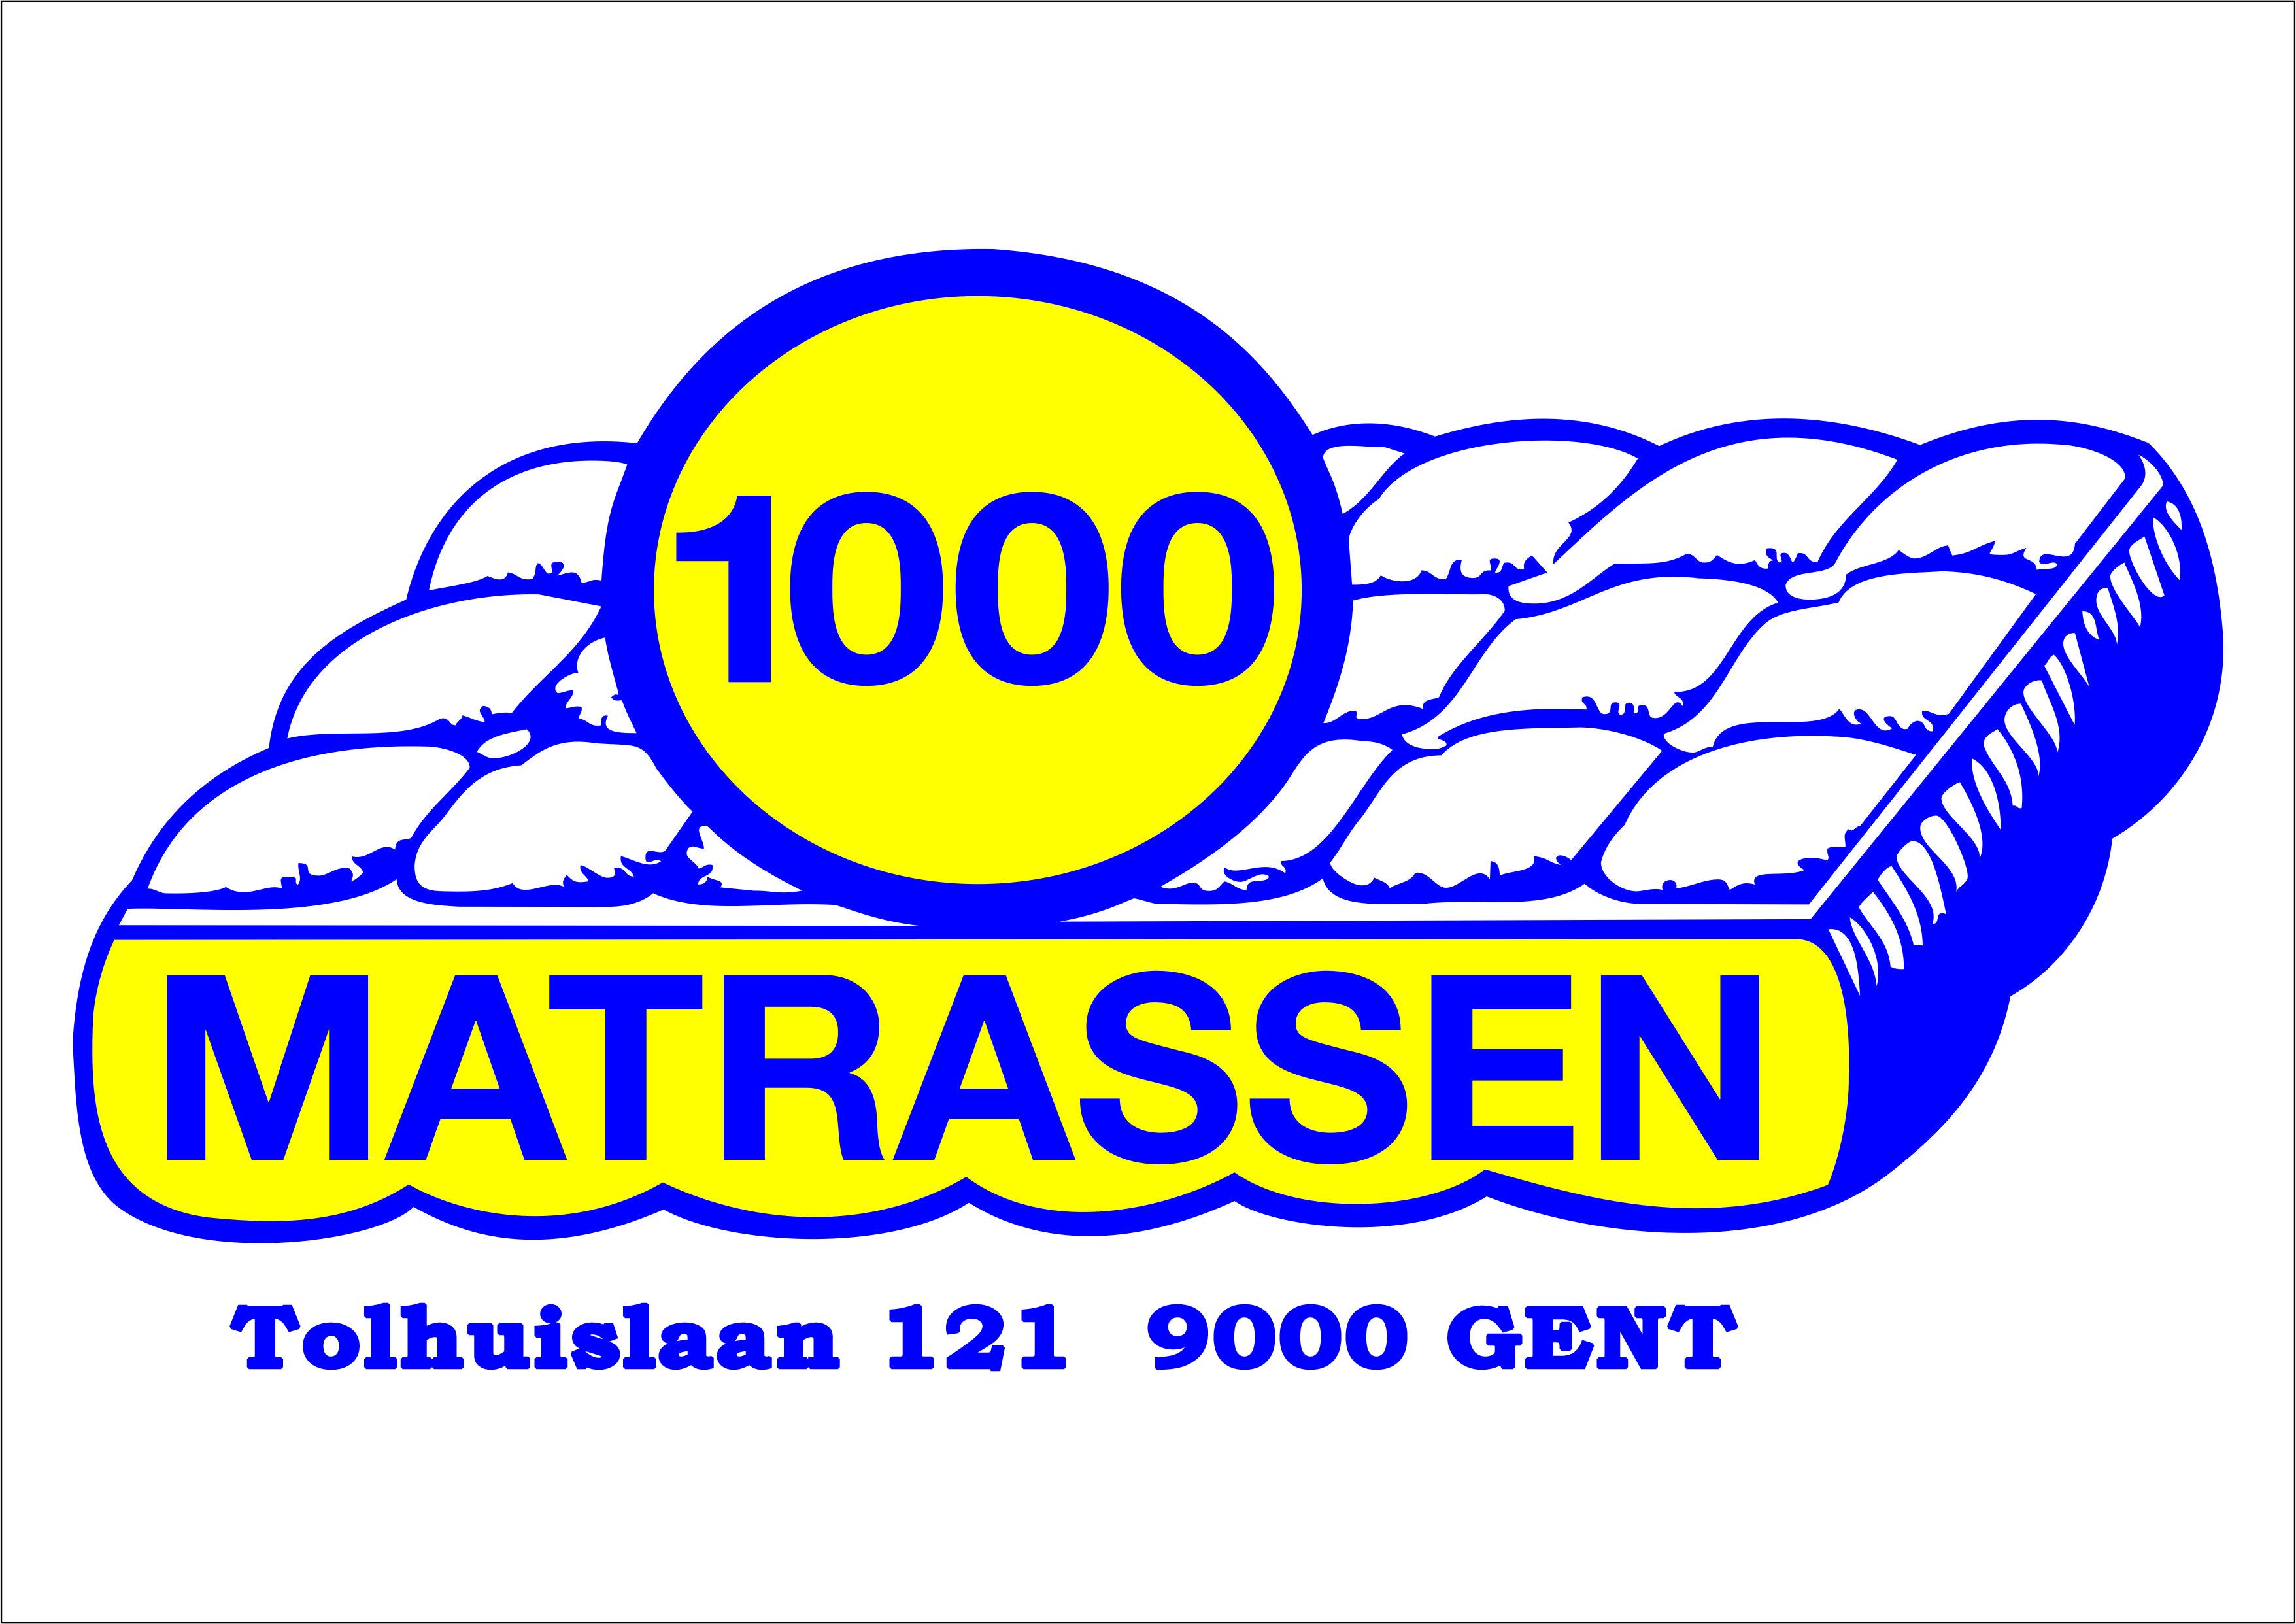 1000 matrassen